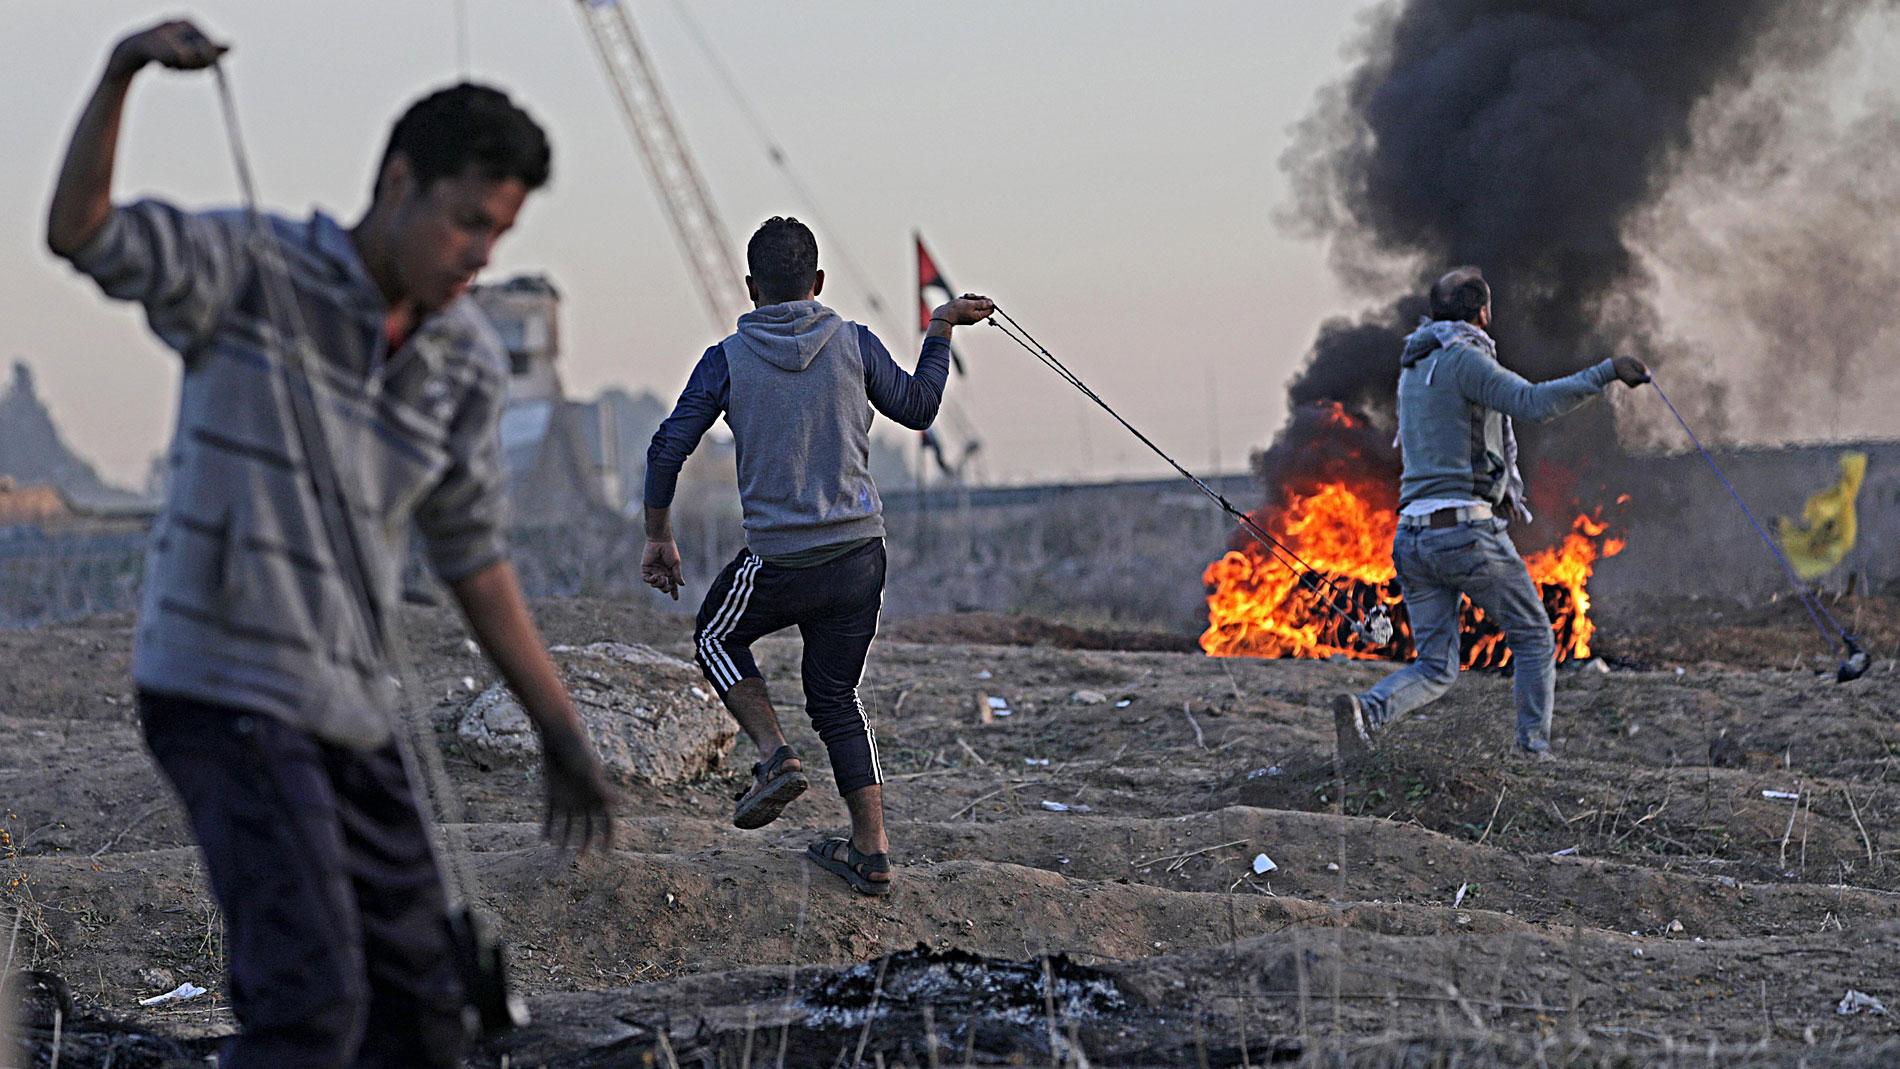 La decisión de Trump sobre Jerusalén sigue inflamando las protestas de los palestinos